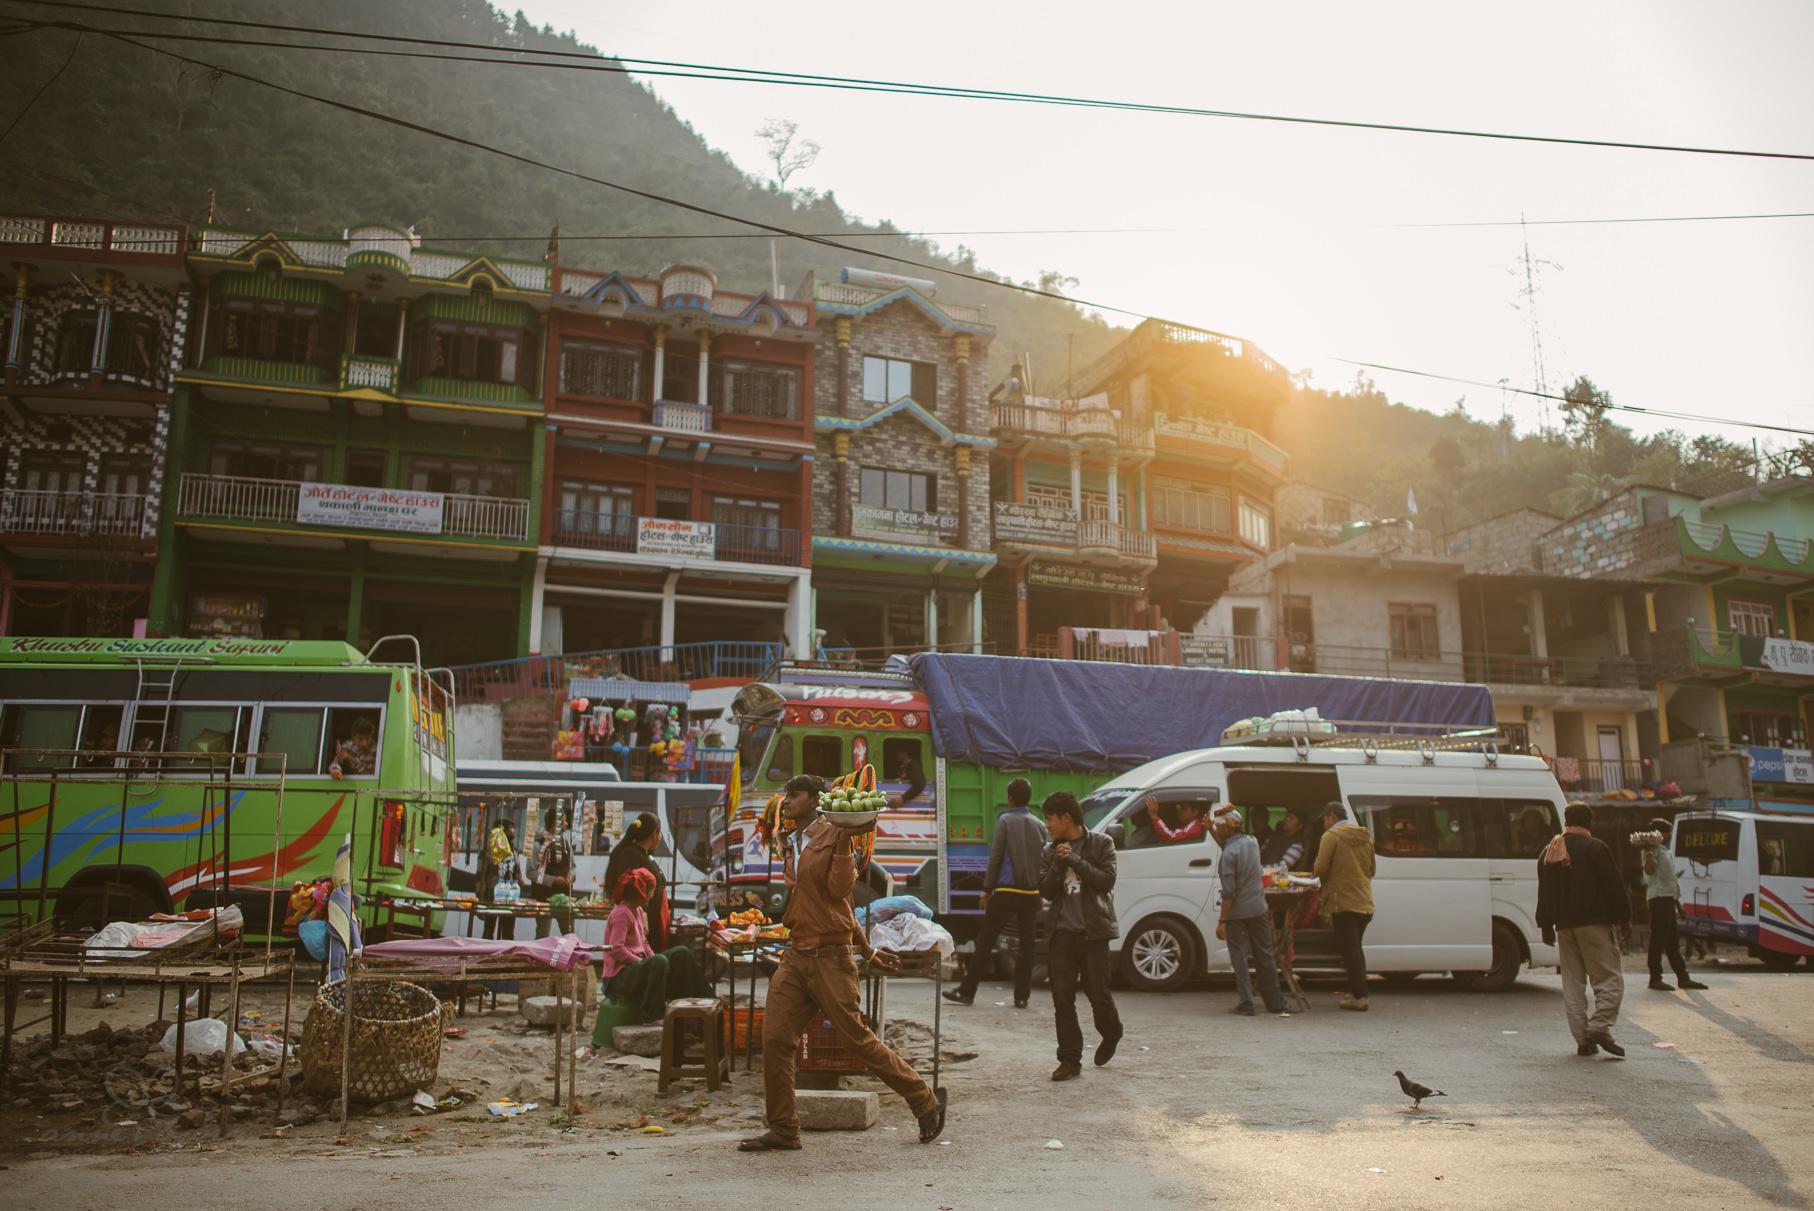 0007 anne und bjoern chitwan nationalpark nepal d75 4722 2 - Nepal Teil 3 - Roadtrip, Chitwan Nationalpark und eine spontane Hochzeit